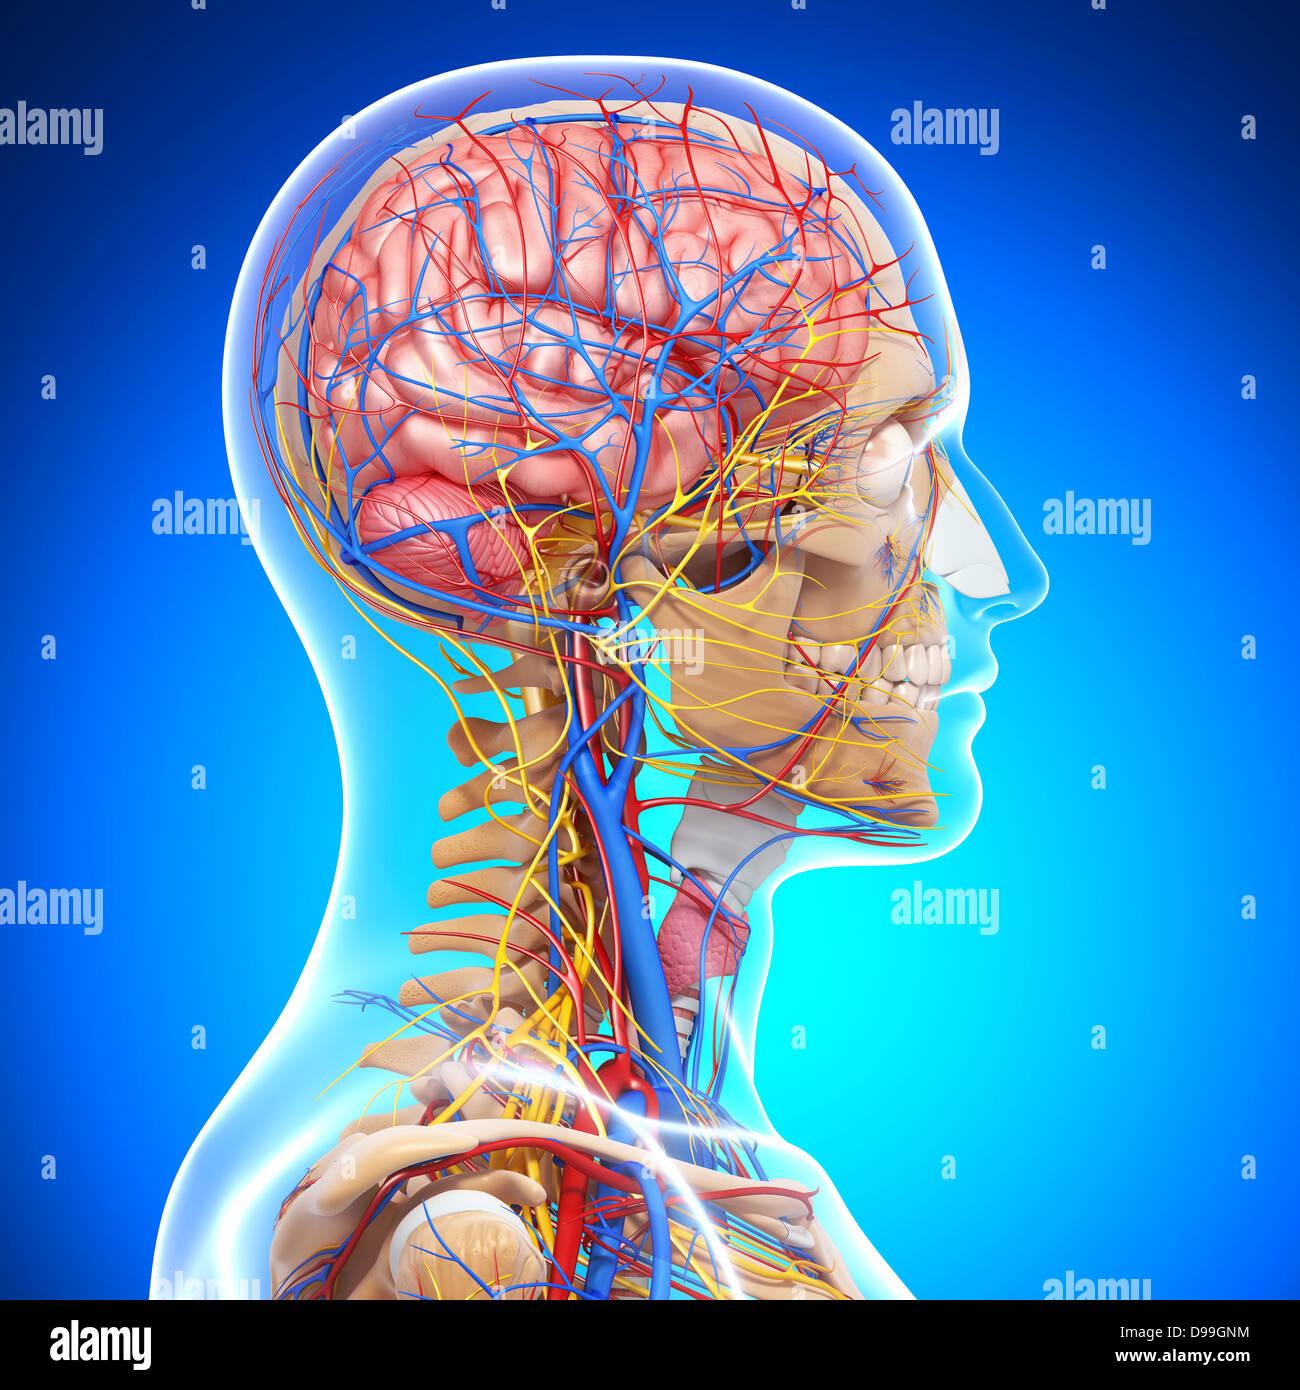 Herz-Kreislauf-System der menschlichen Kopf Anatomie Stockfoto, Bild ...